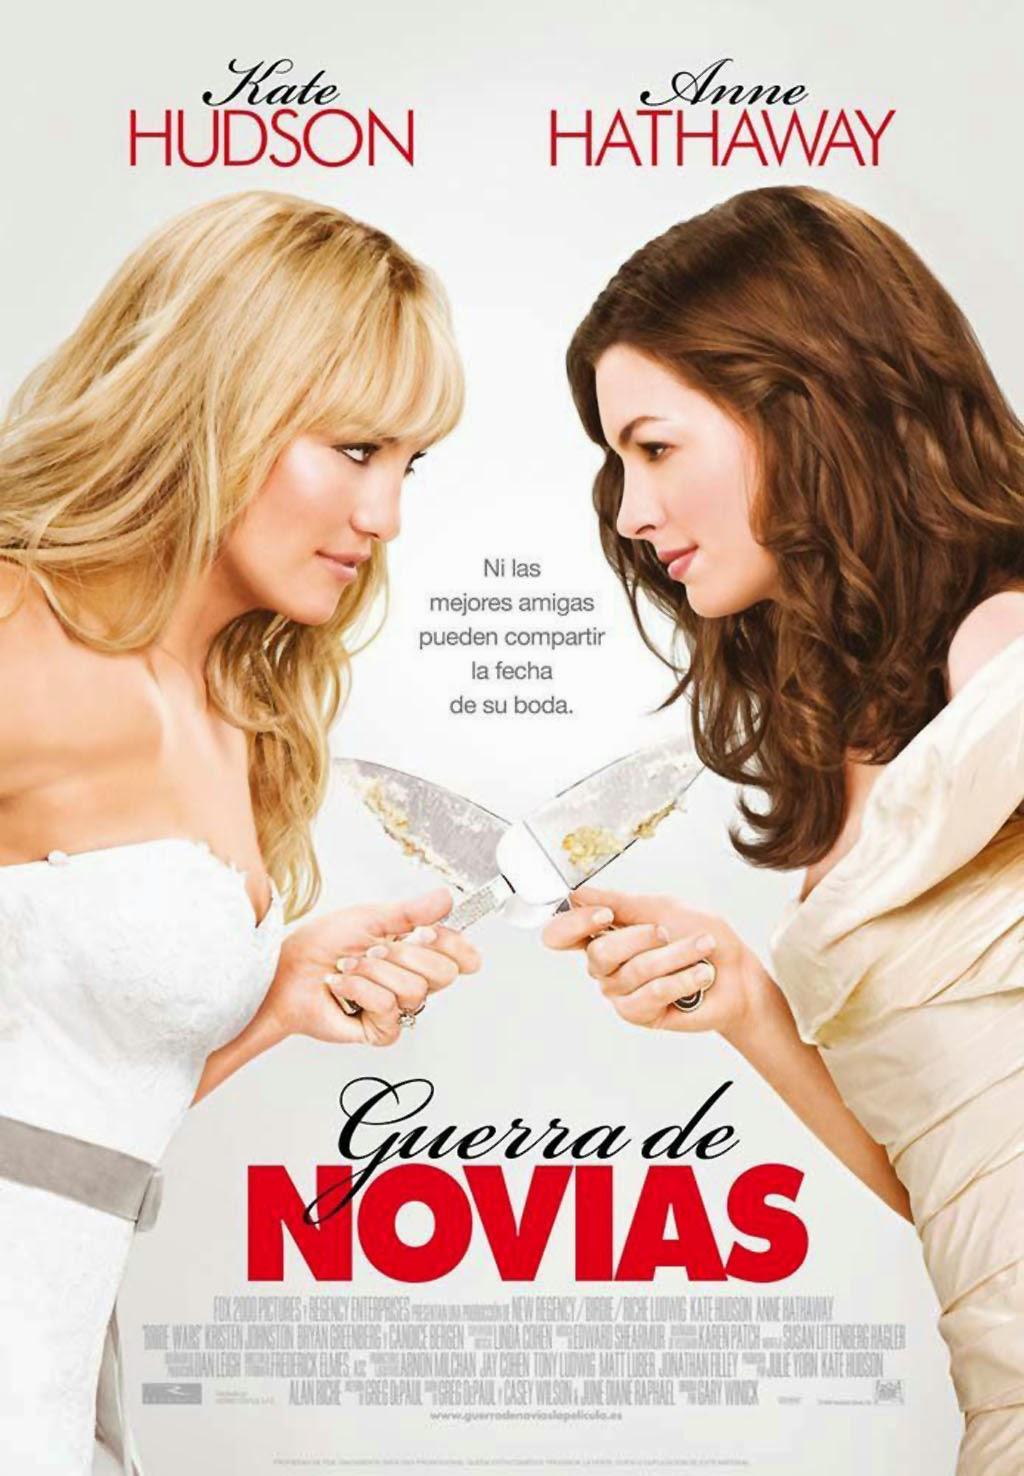 http://2.bp.blogspot.com/-hVxepMLgBWc/VAXTauGkO8I/AAAAAAAAAkw/JAHQV1Vnfw8/s1600/Guerra_De_Novias-Cartel.jpg